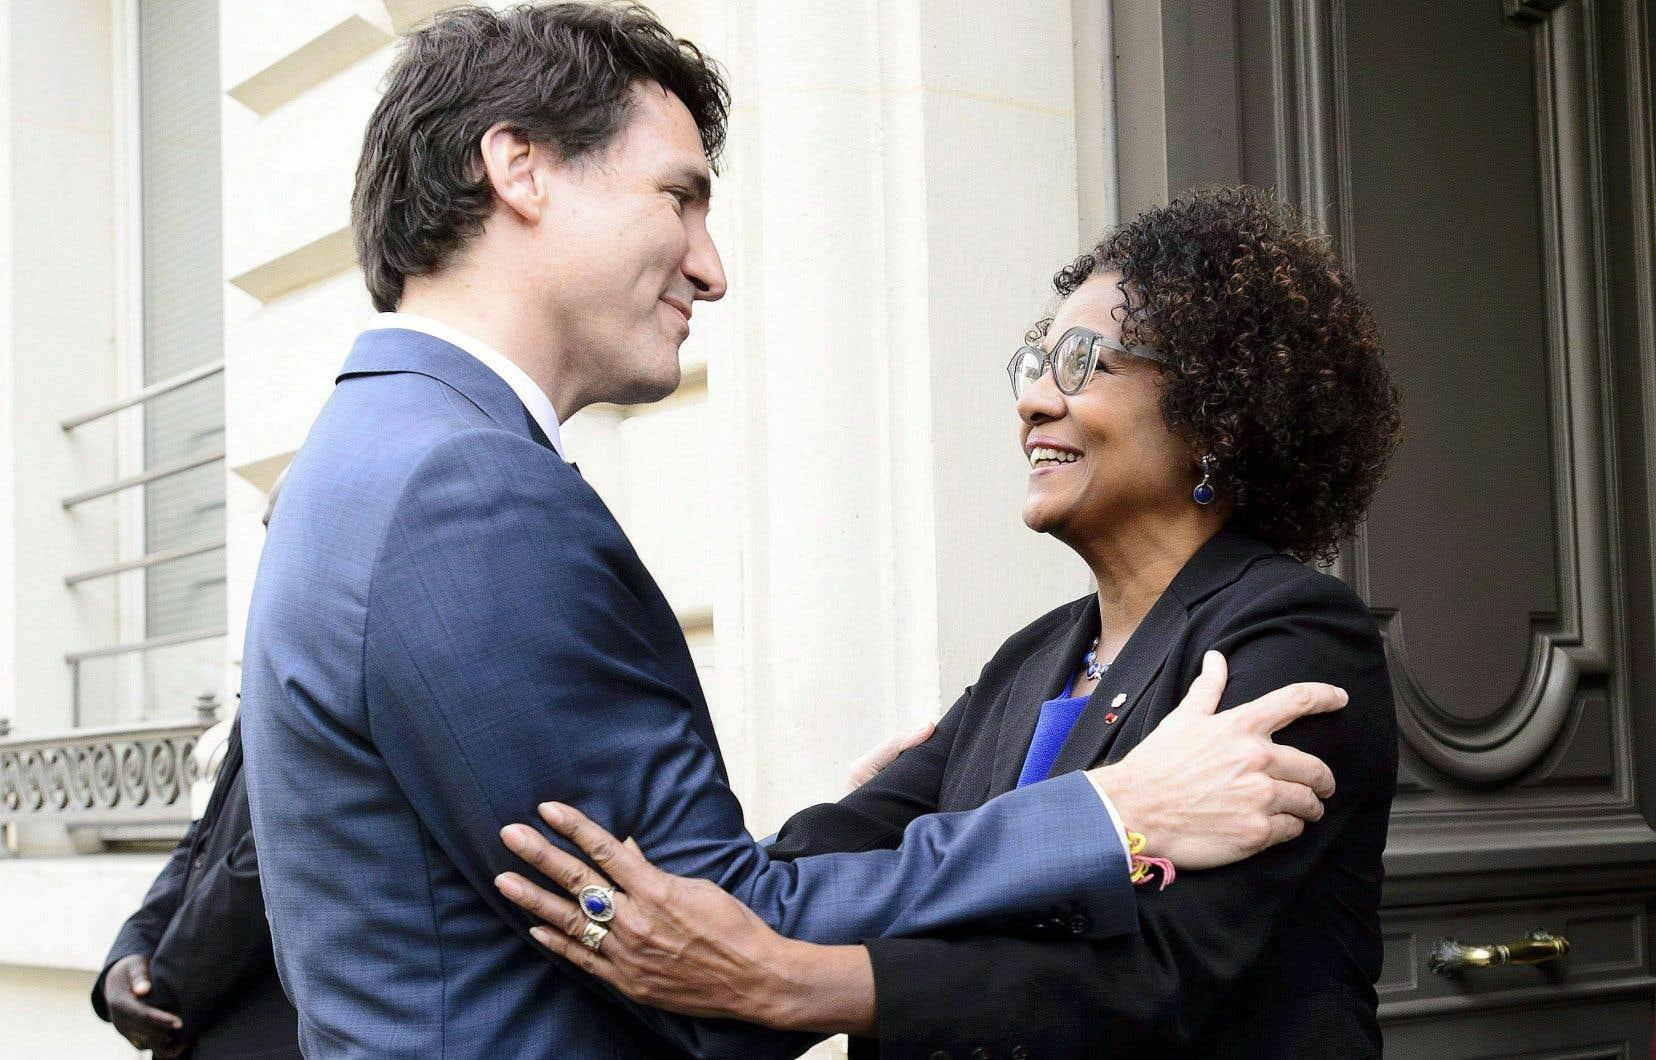 Le premier ministre du Canada, Justin Trudeau, s'est rendu à la rencontre de Michaëlle Jean au siège social de l'Organisation internationale de la Francophonie à Paris en avril dernier.